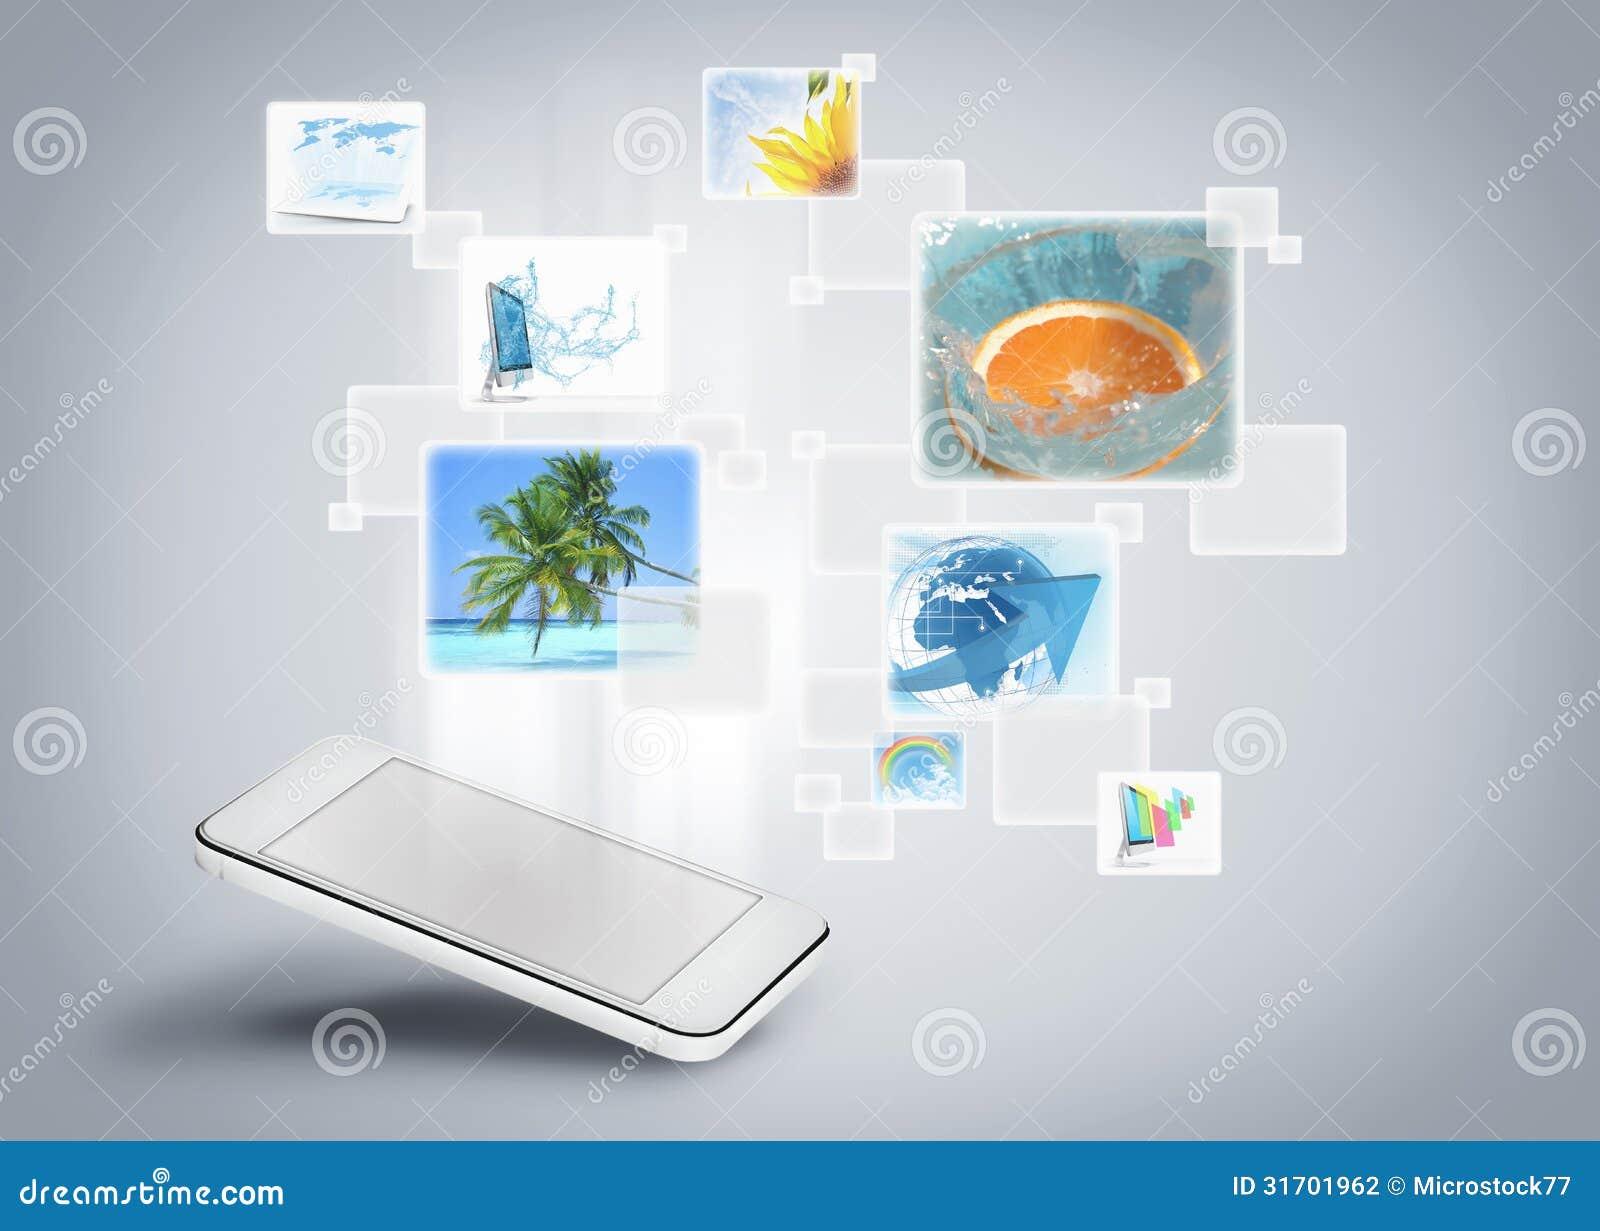 Mobilt bildgalleri för telefon